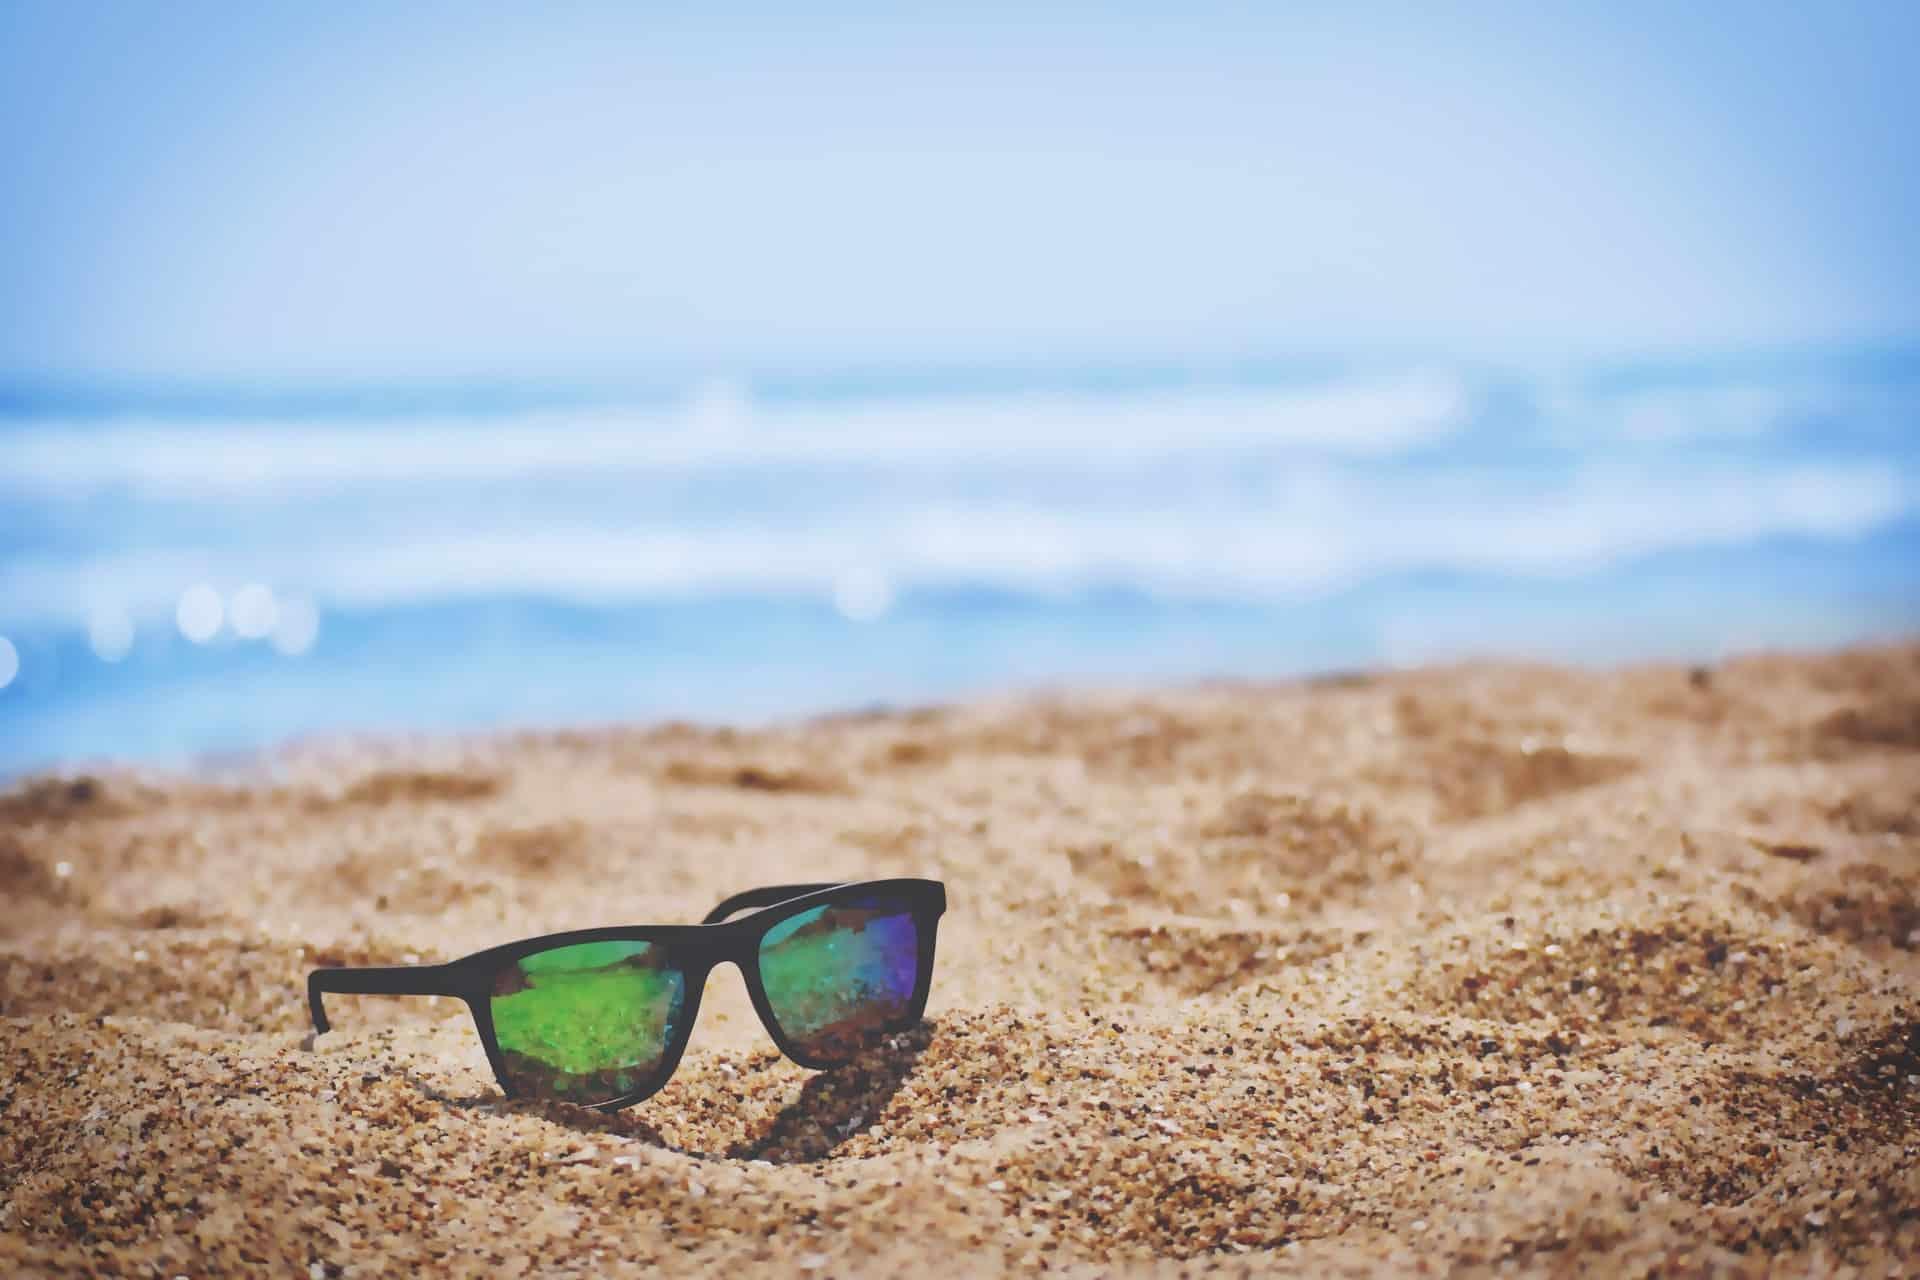 Vakantiekaartjes schrijven? 4 tips voor originele vakantiegroeten